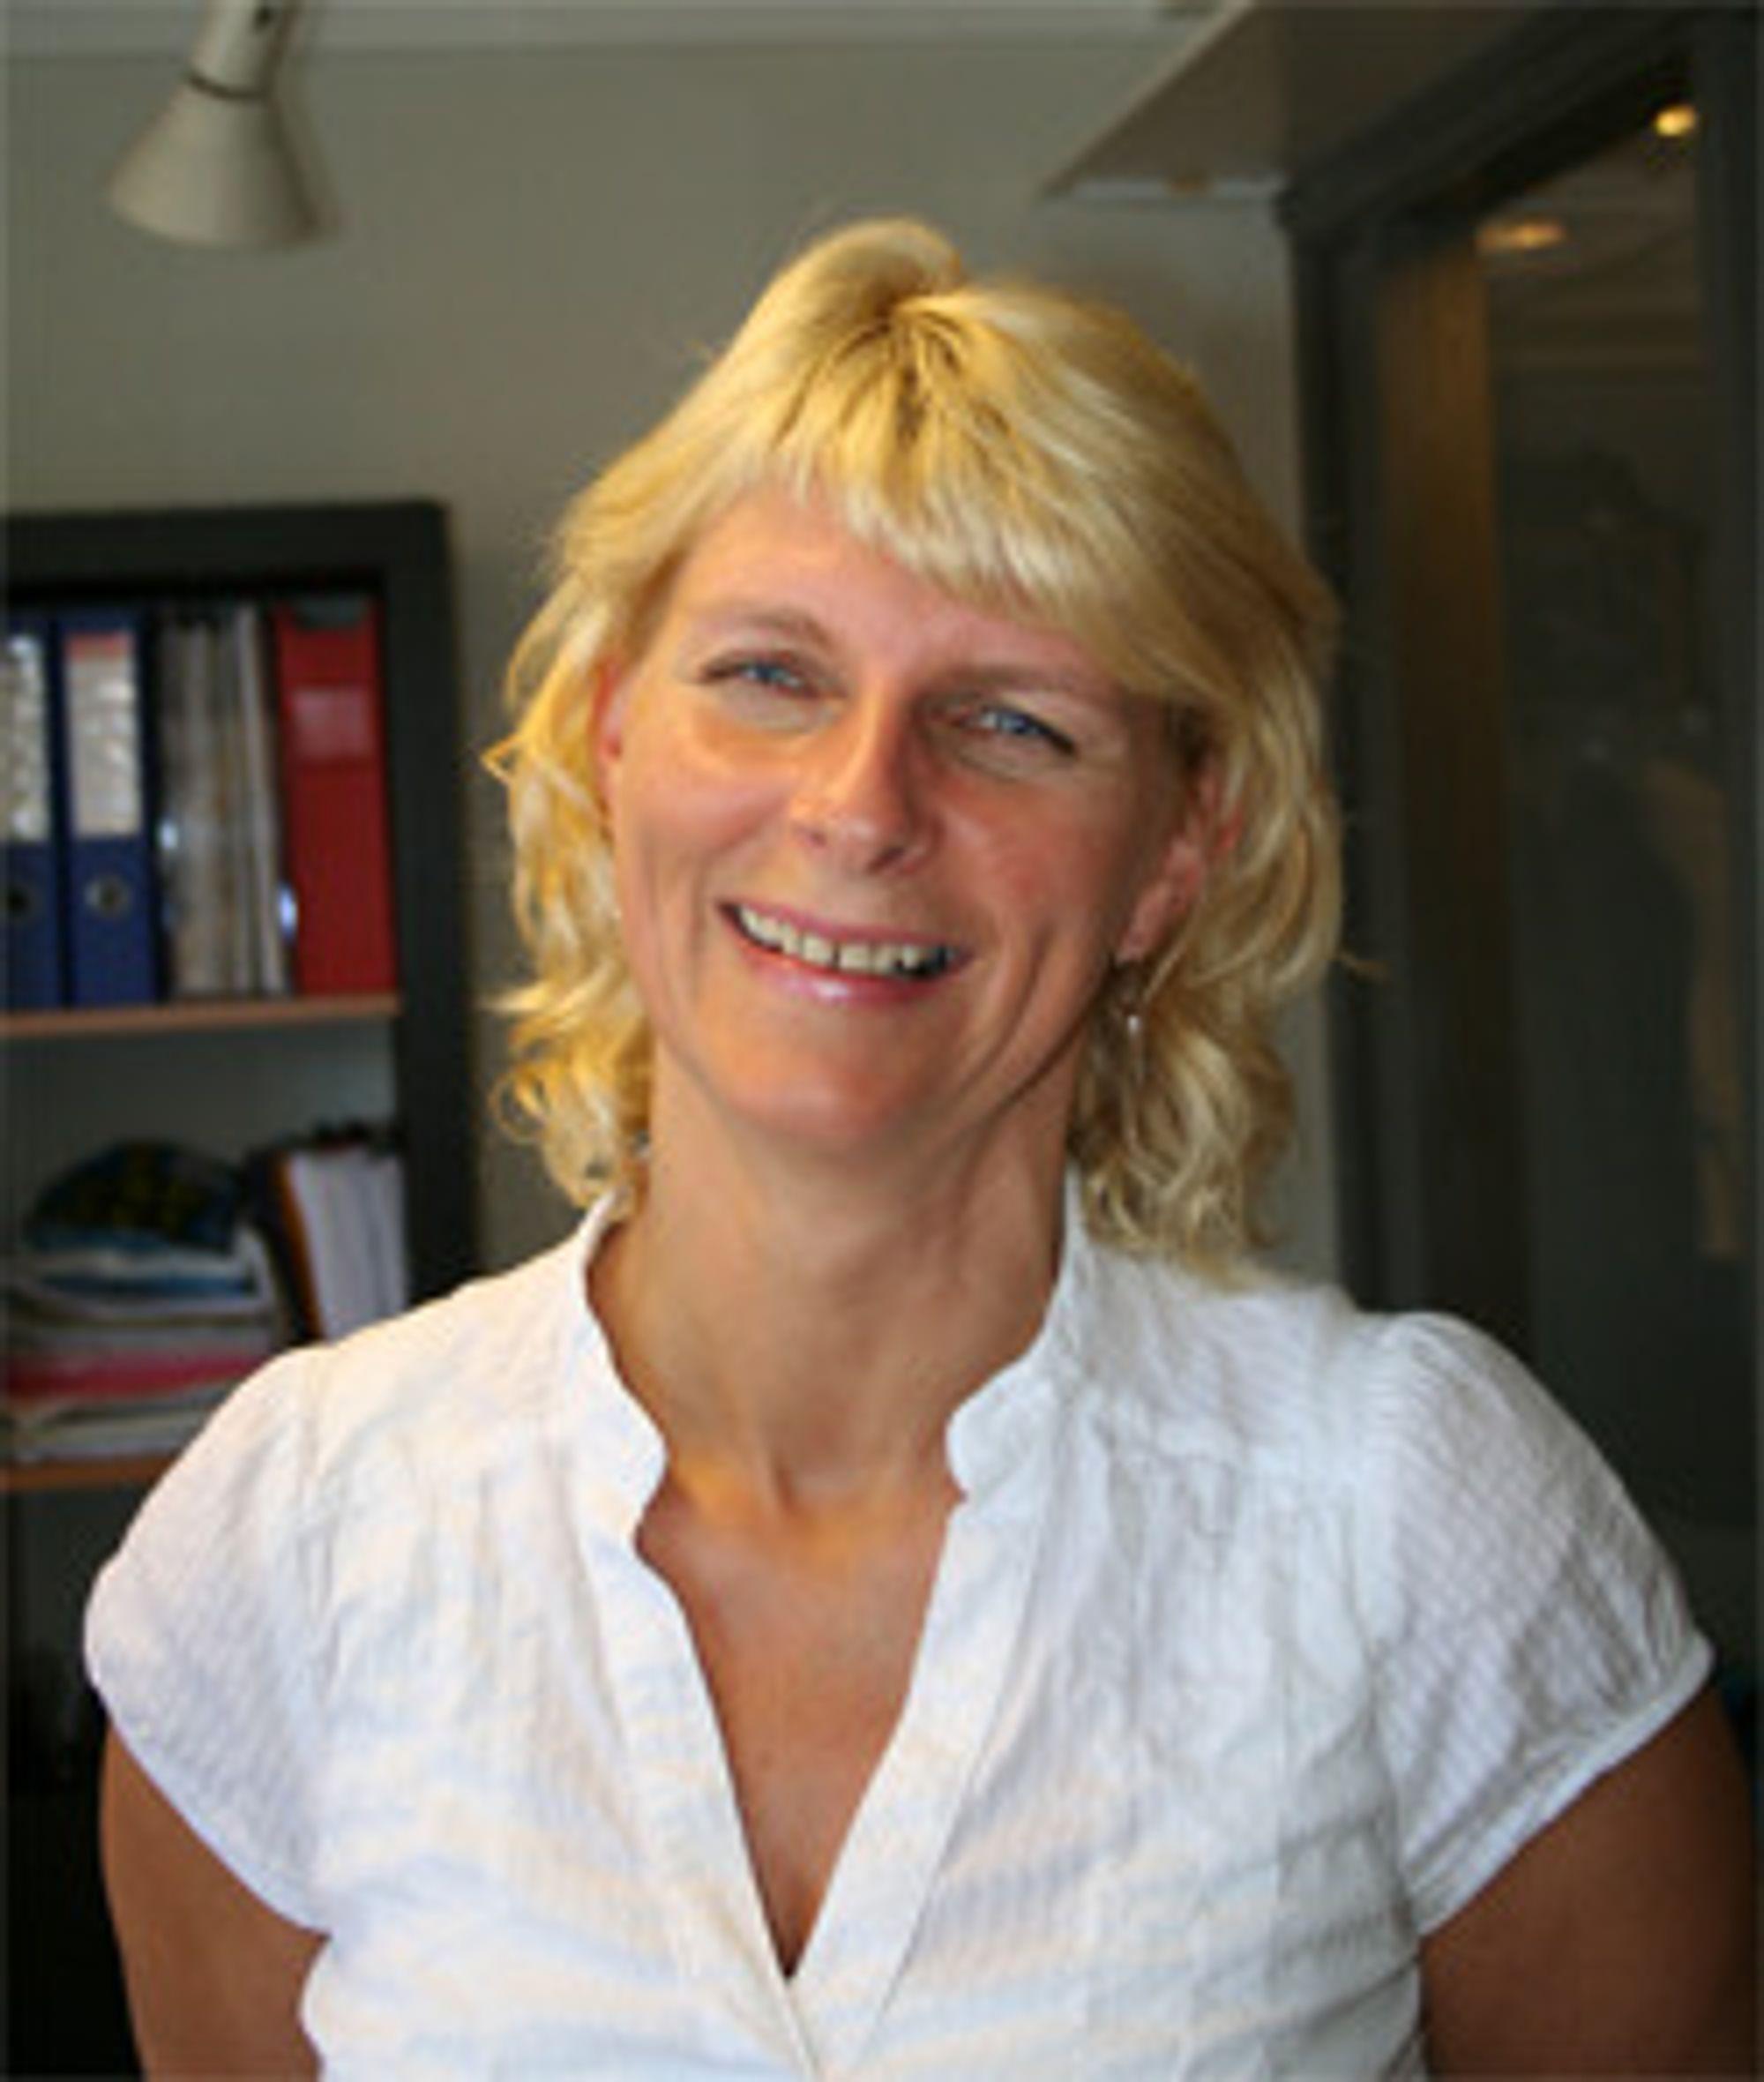 Marit Collin sier hun har et glimrende utgangspunkt, med «dyktige kollegaer, fornøyde kunder og en god økonomi».